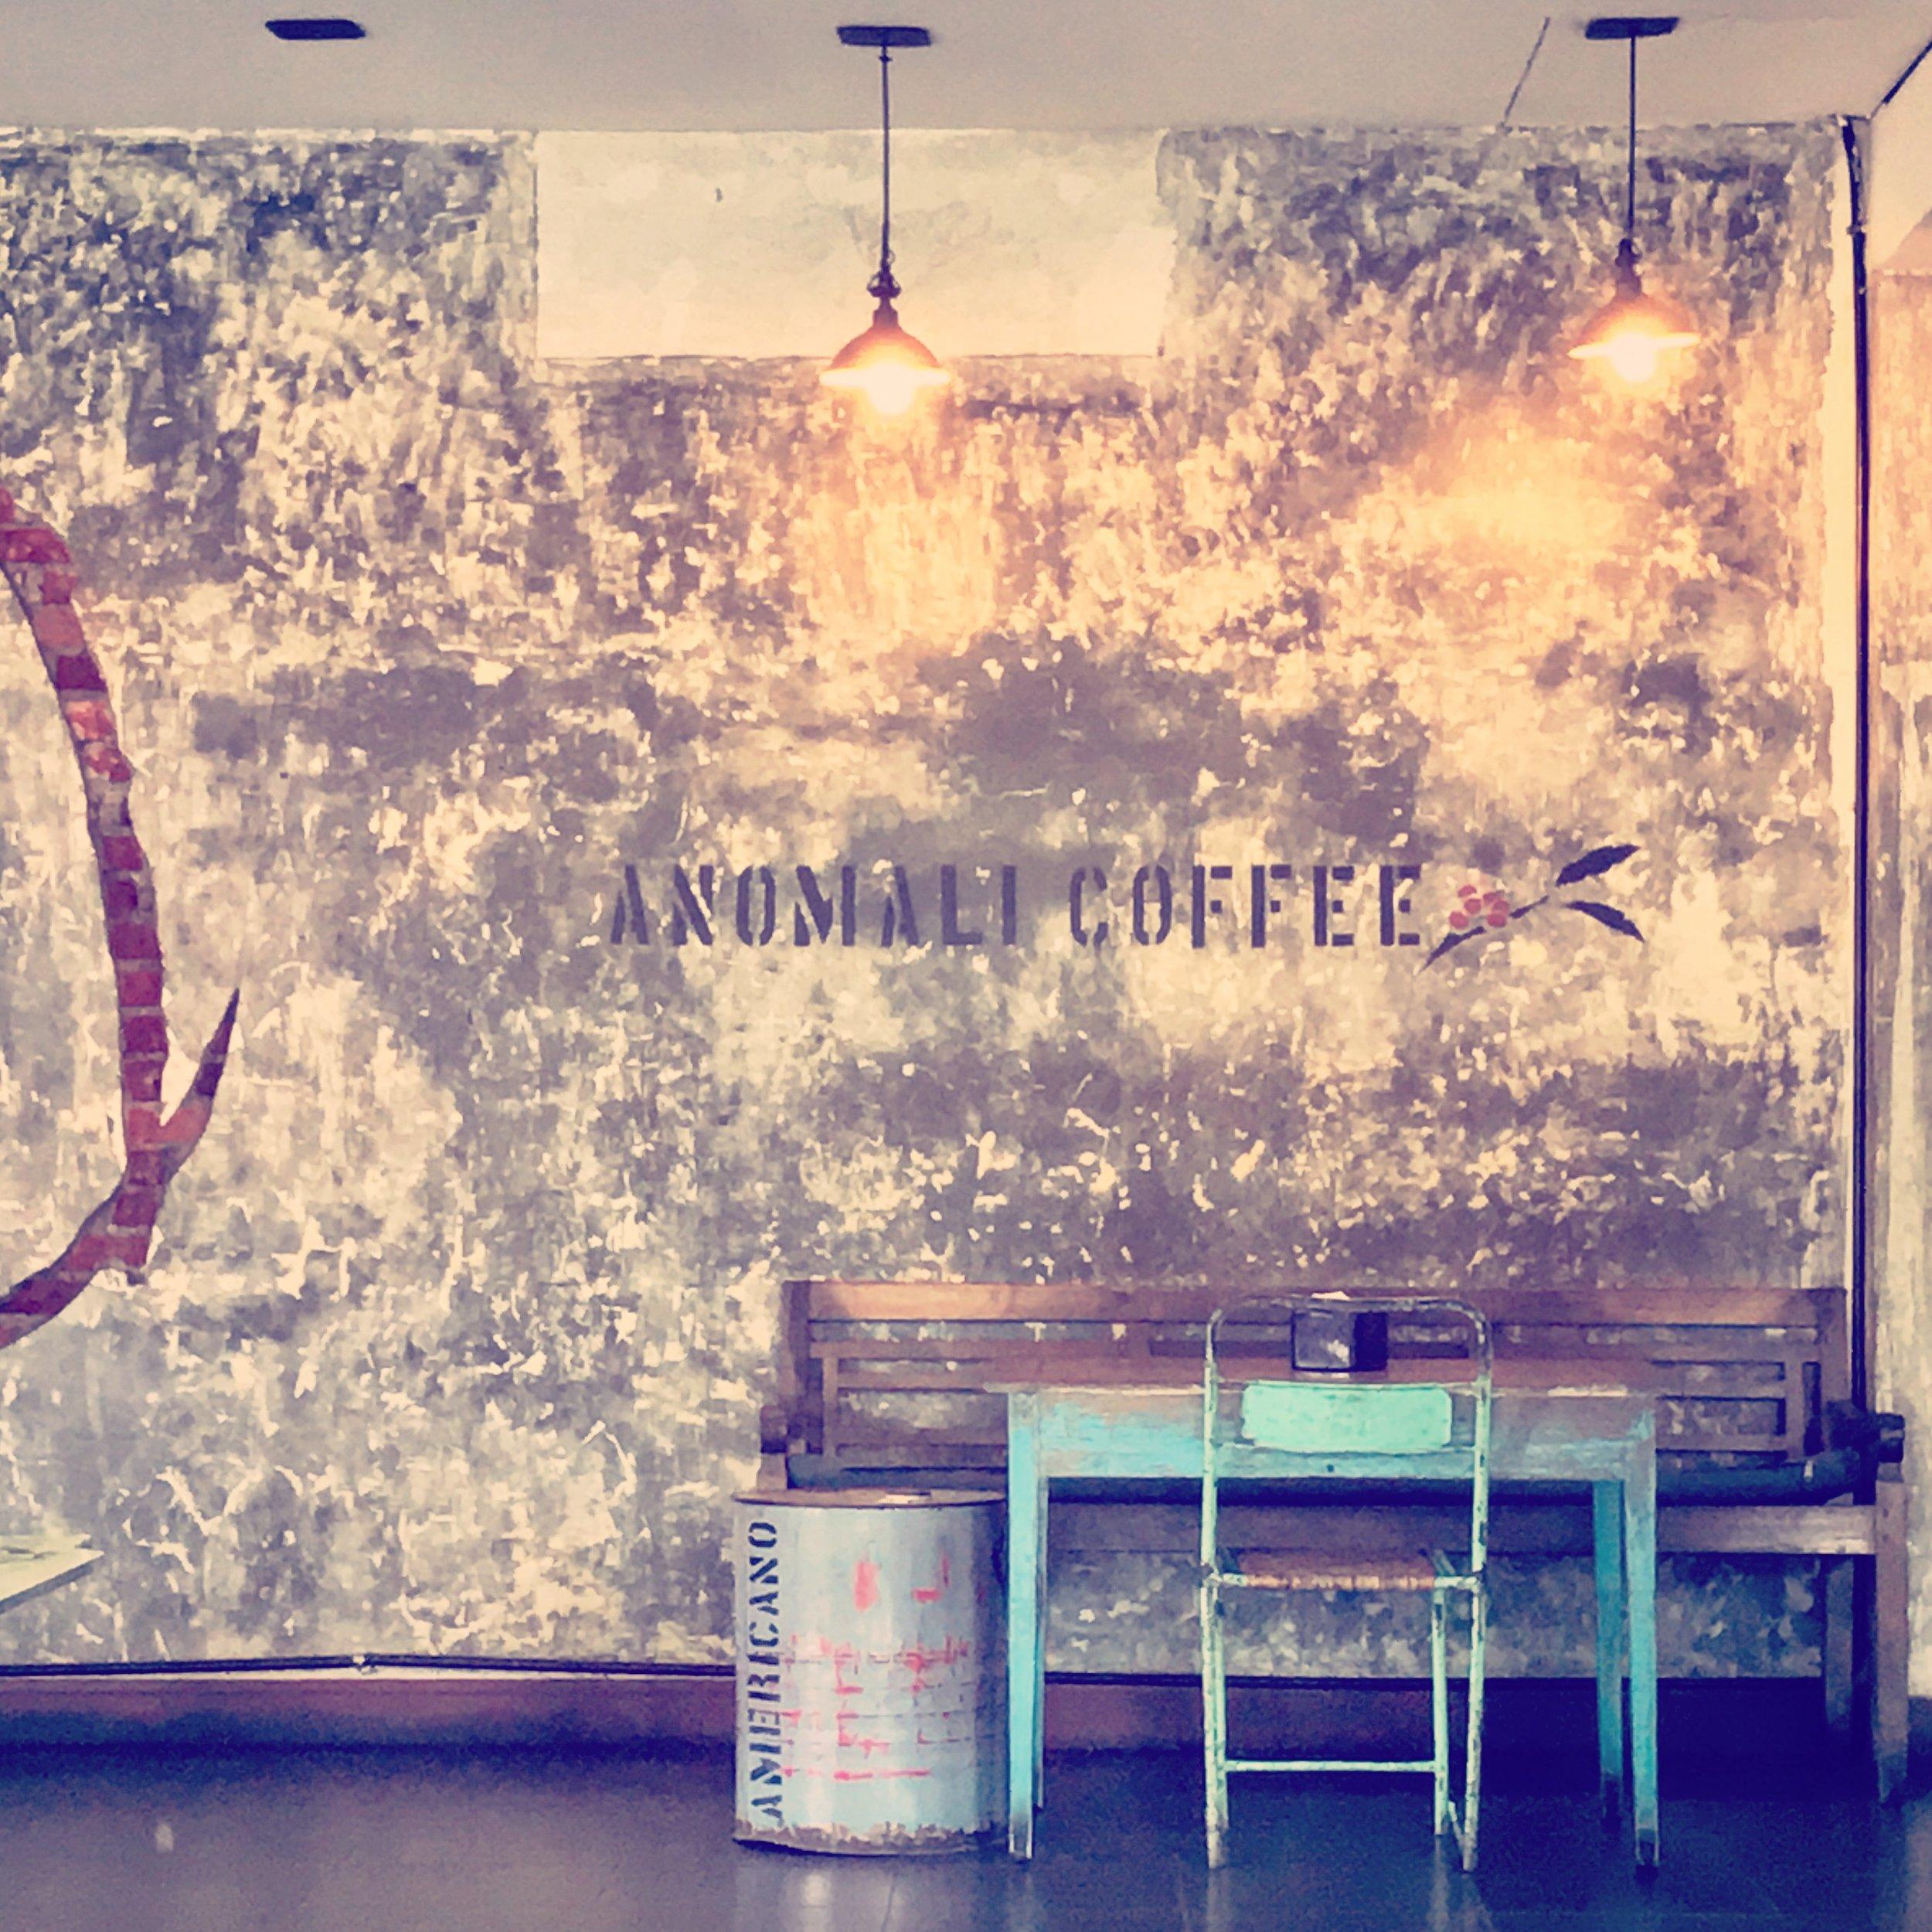 1. Anomali Coffee -